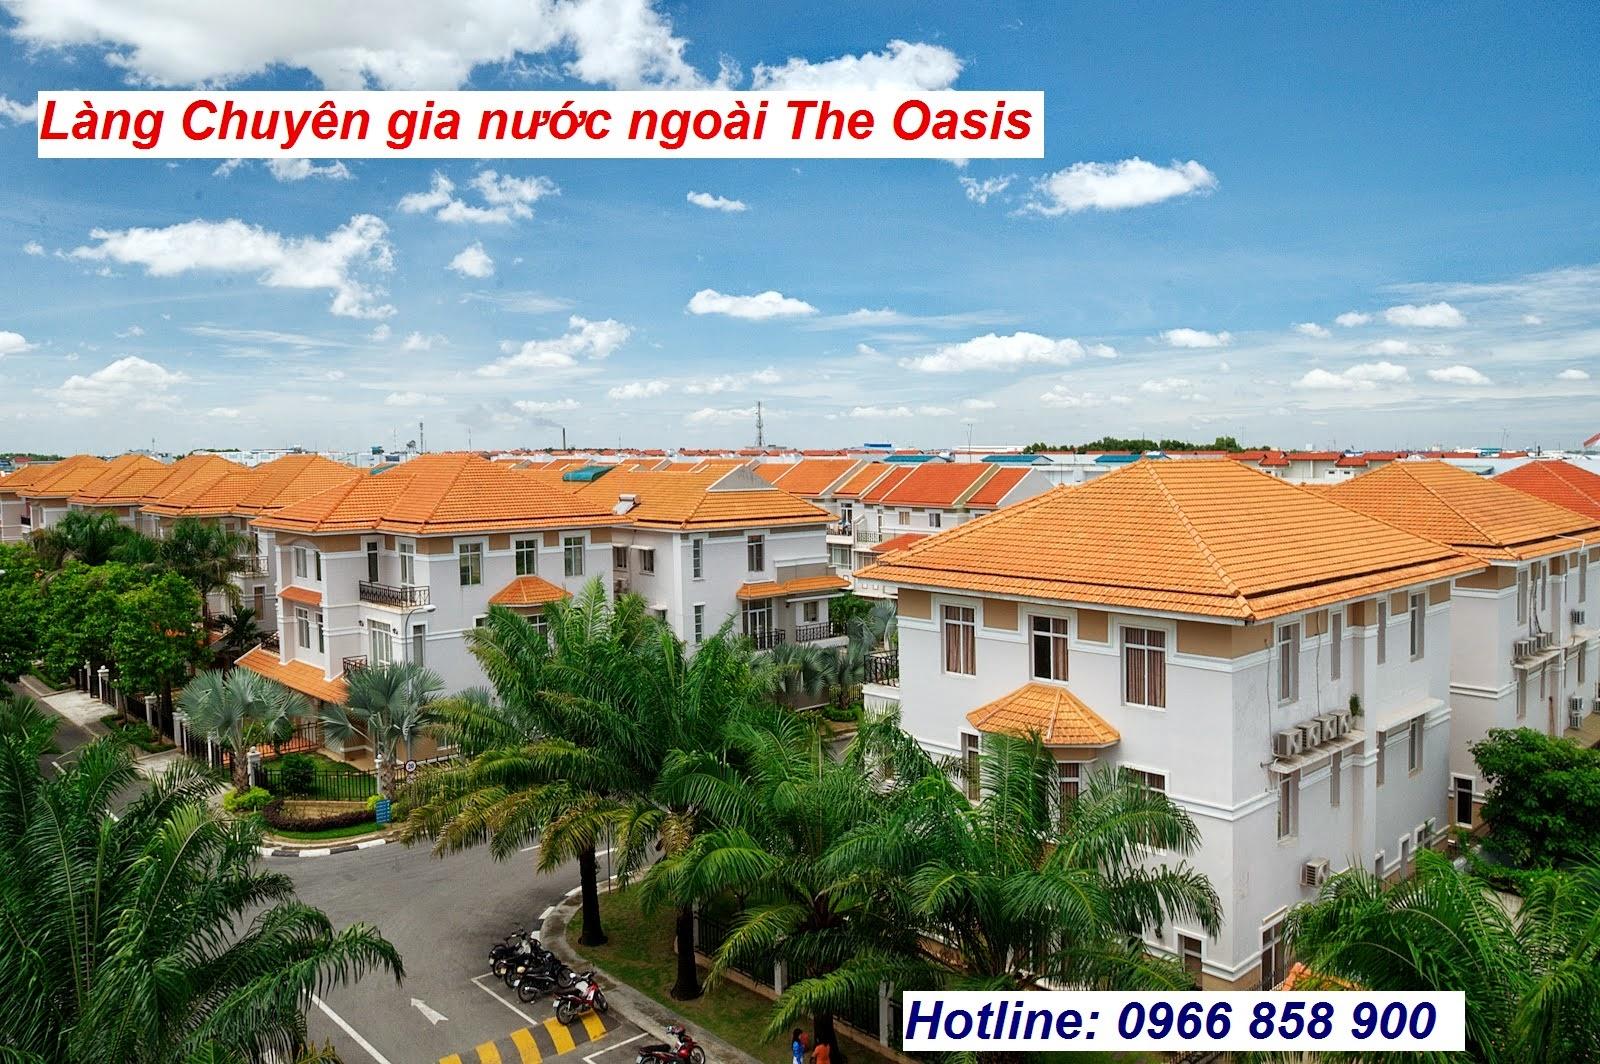 Làng chuyên gia The Oasis